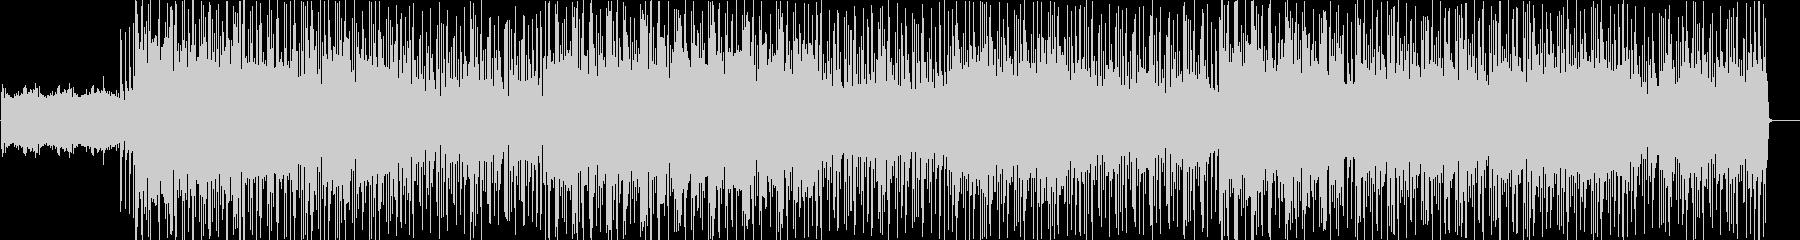 HELTER-SKELTERの未再生の波形